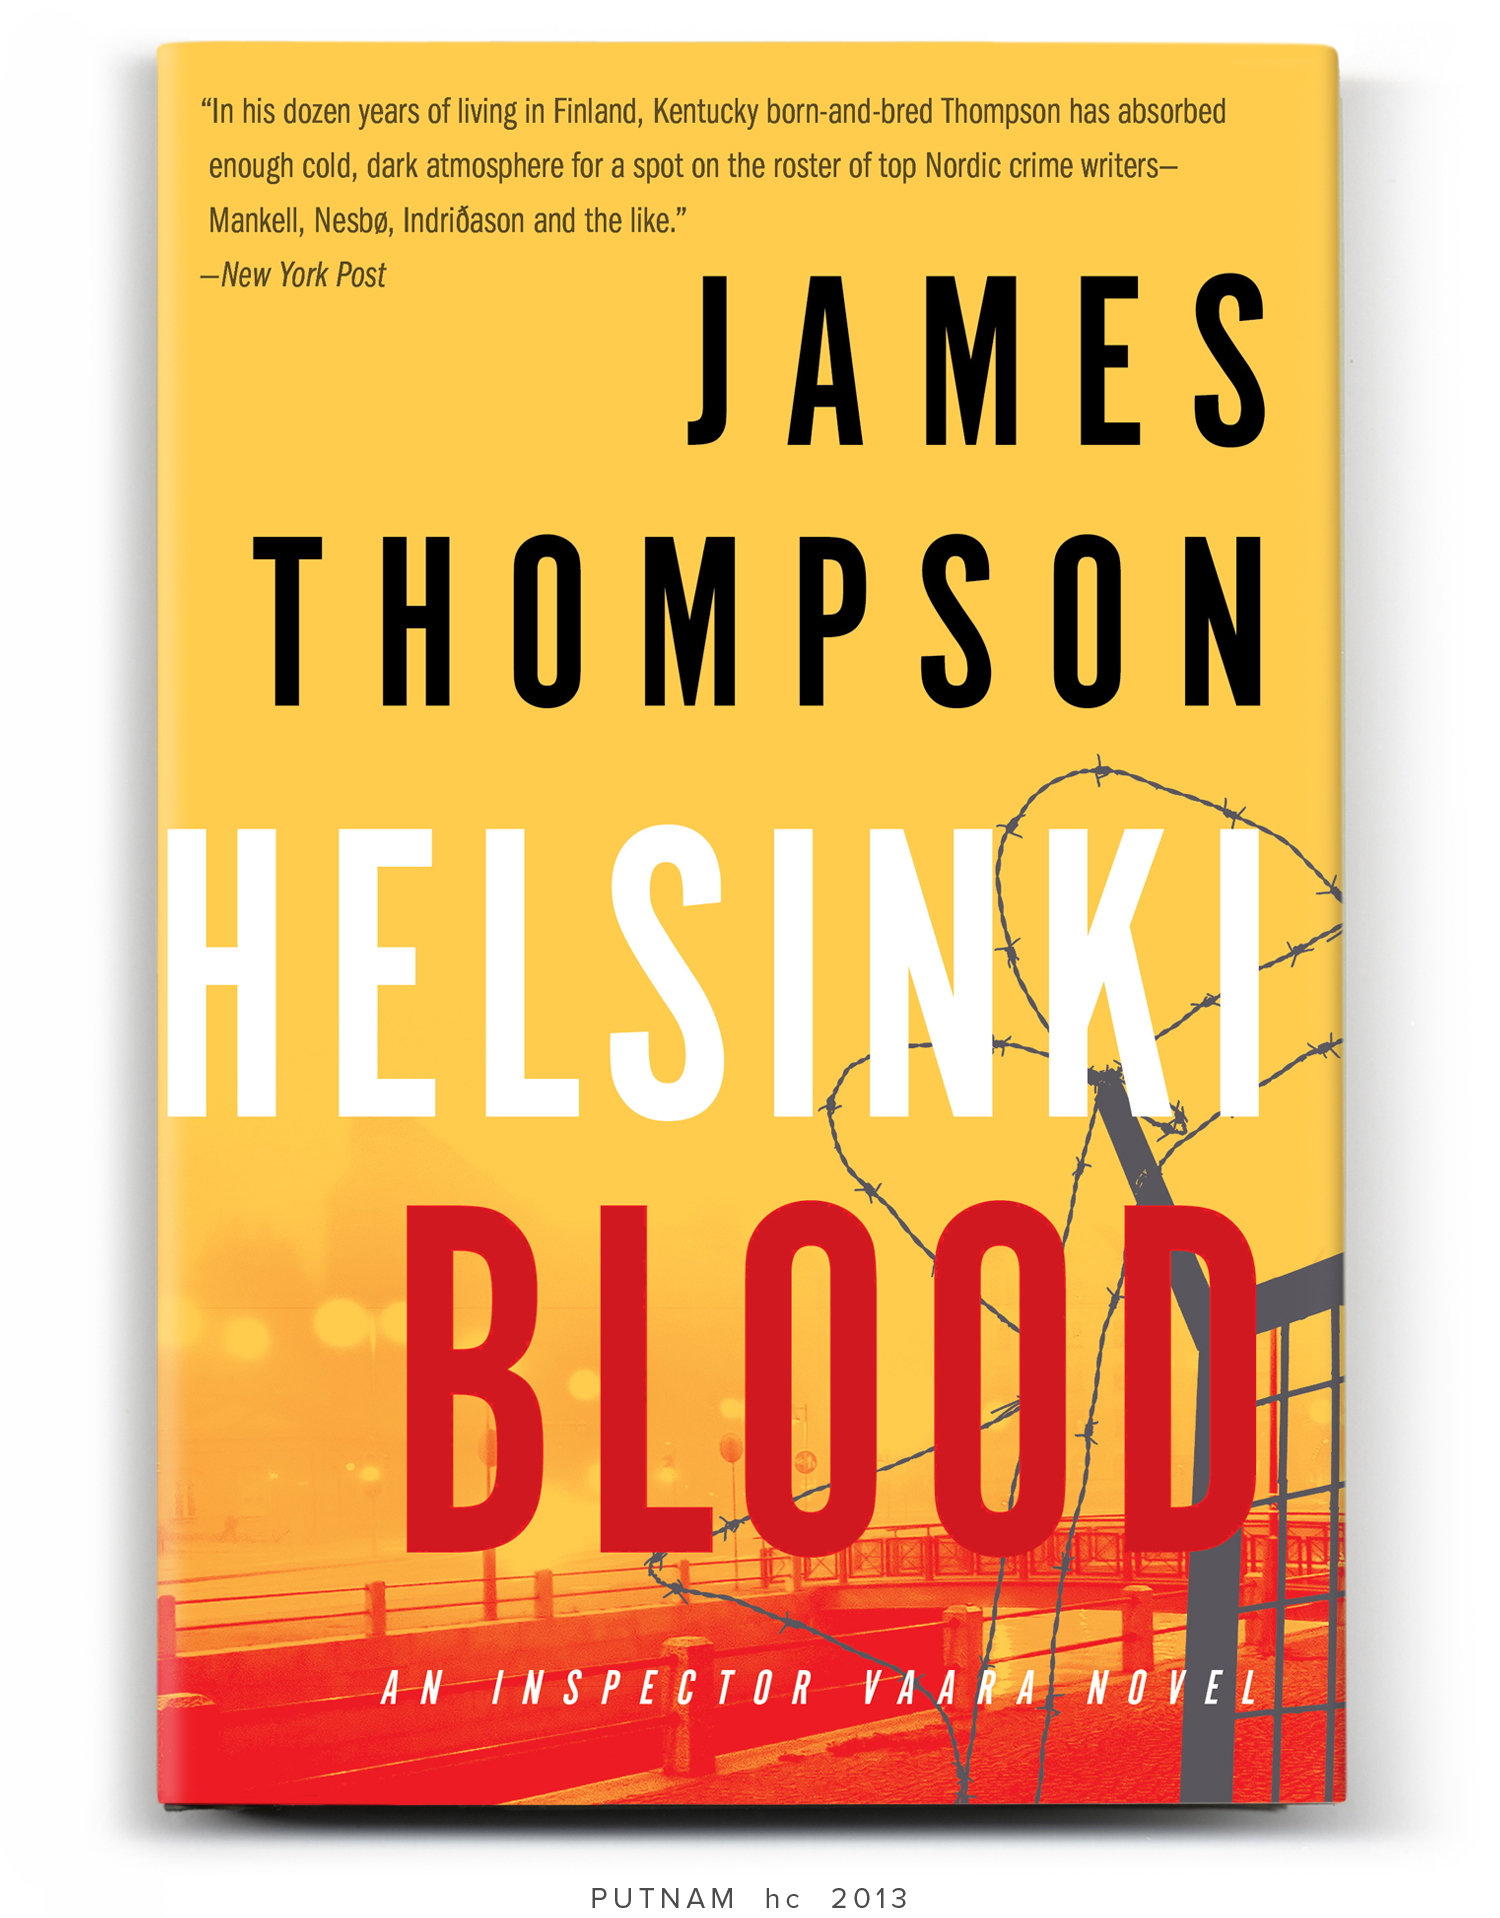 HELSINKI-BLOOD-hc-ss6.jpg